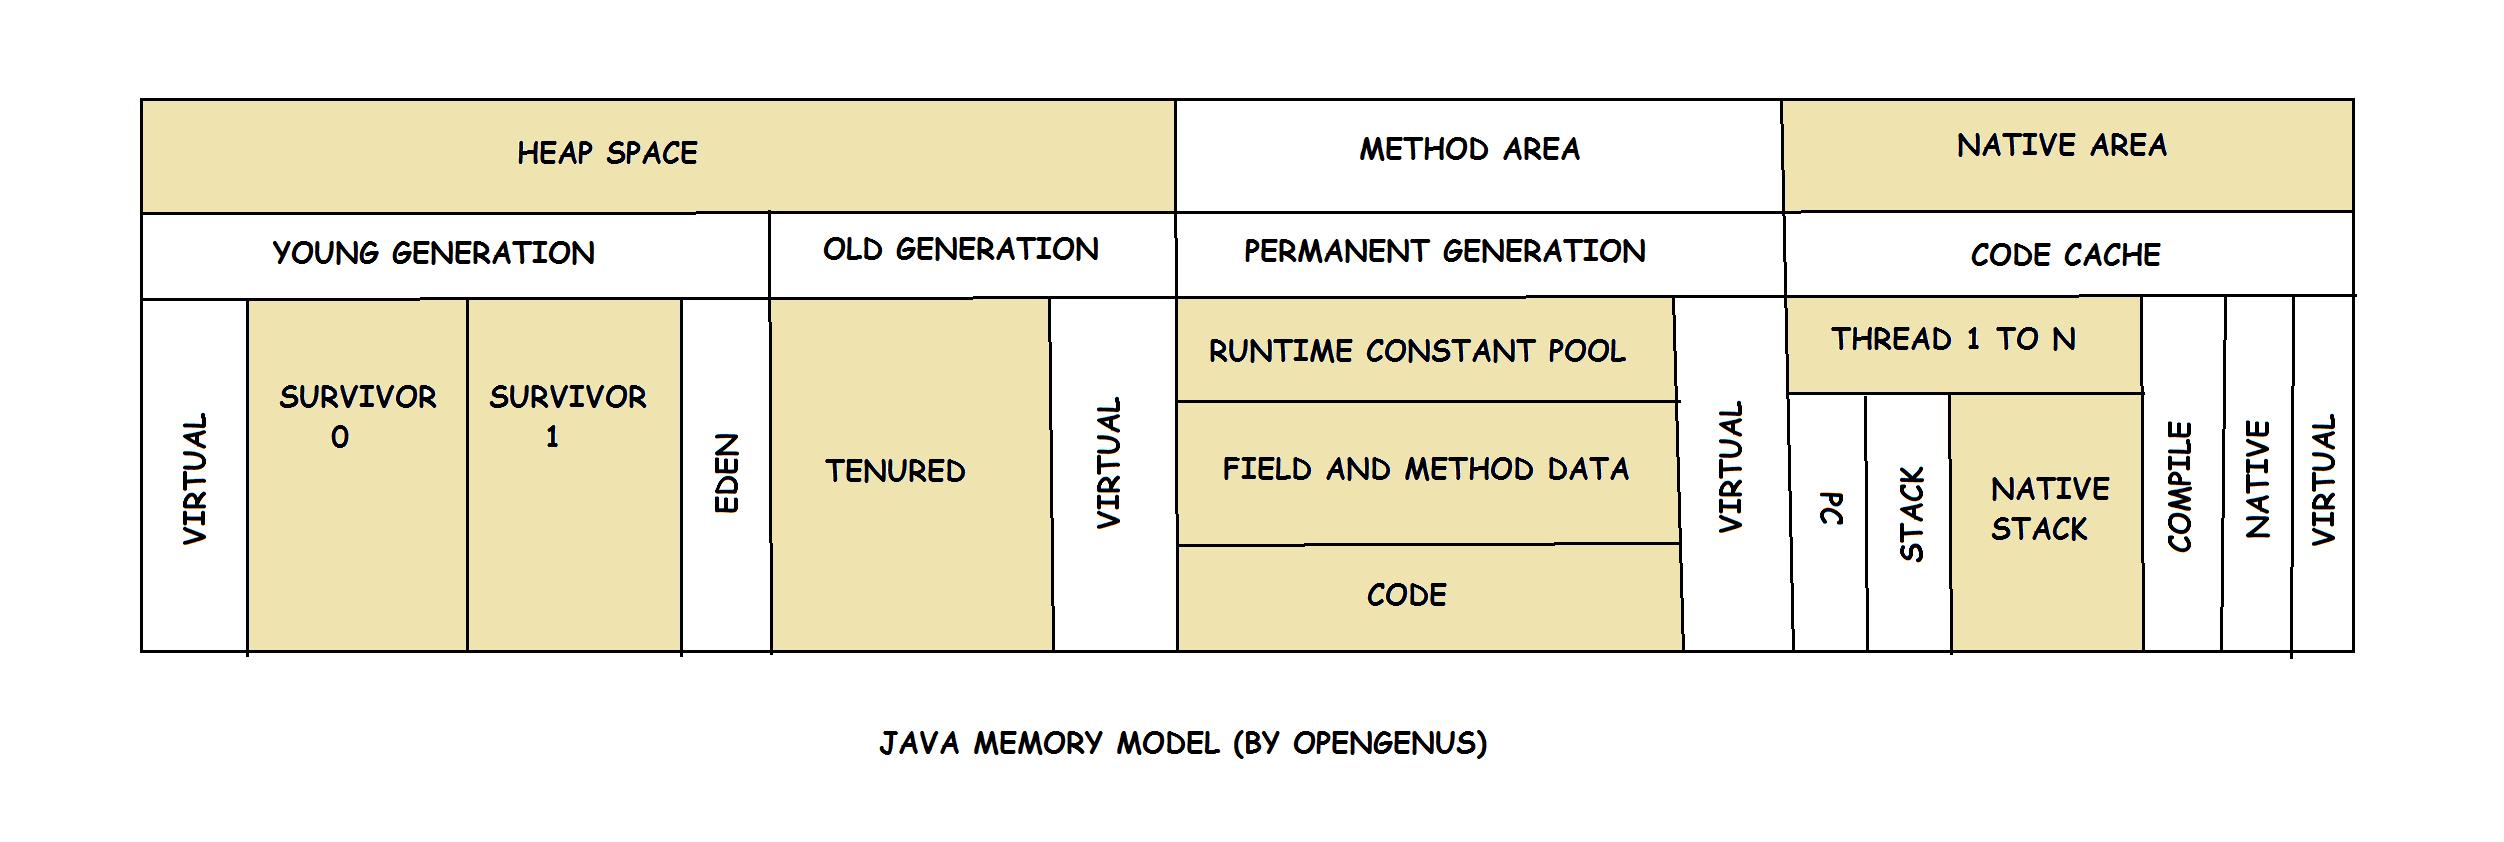 Memory Management in Java: Java Virtual Machine (JVM) Memory